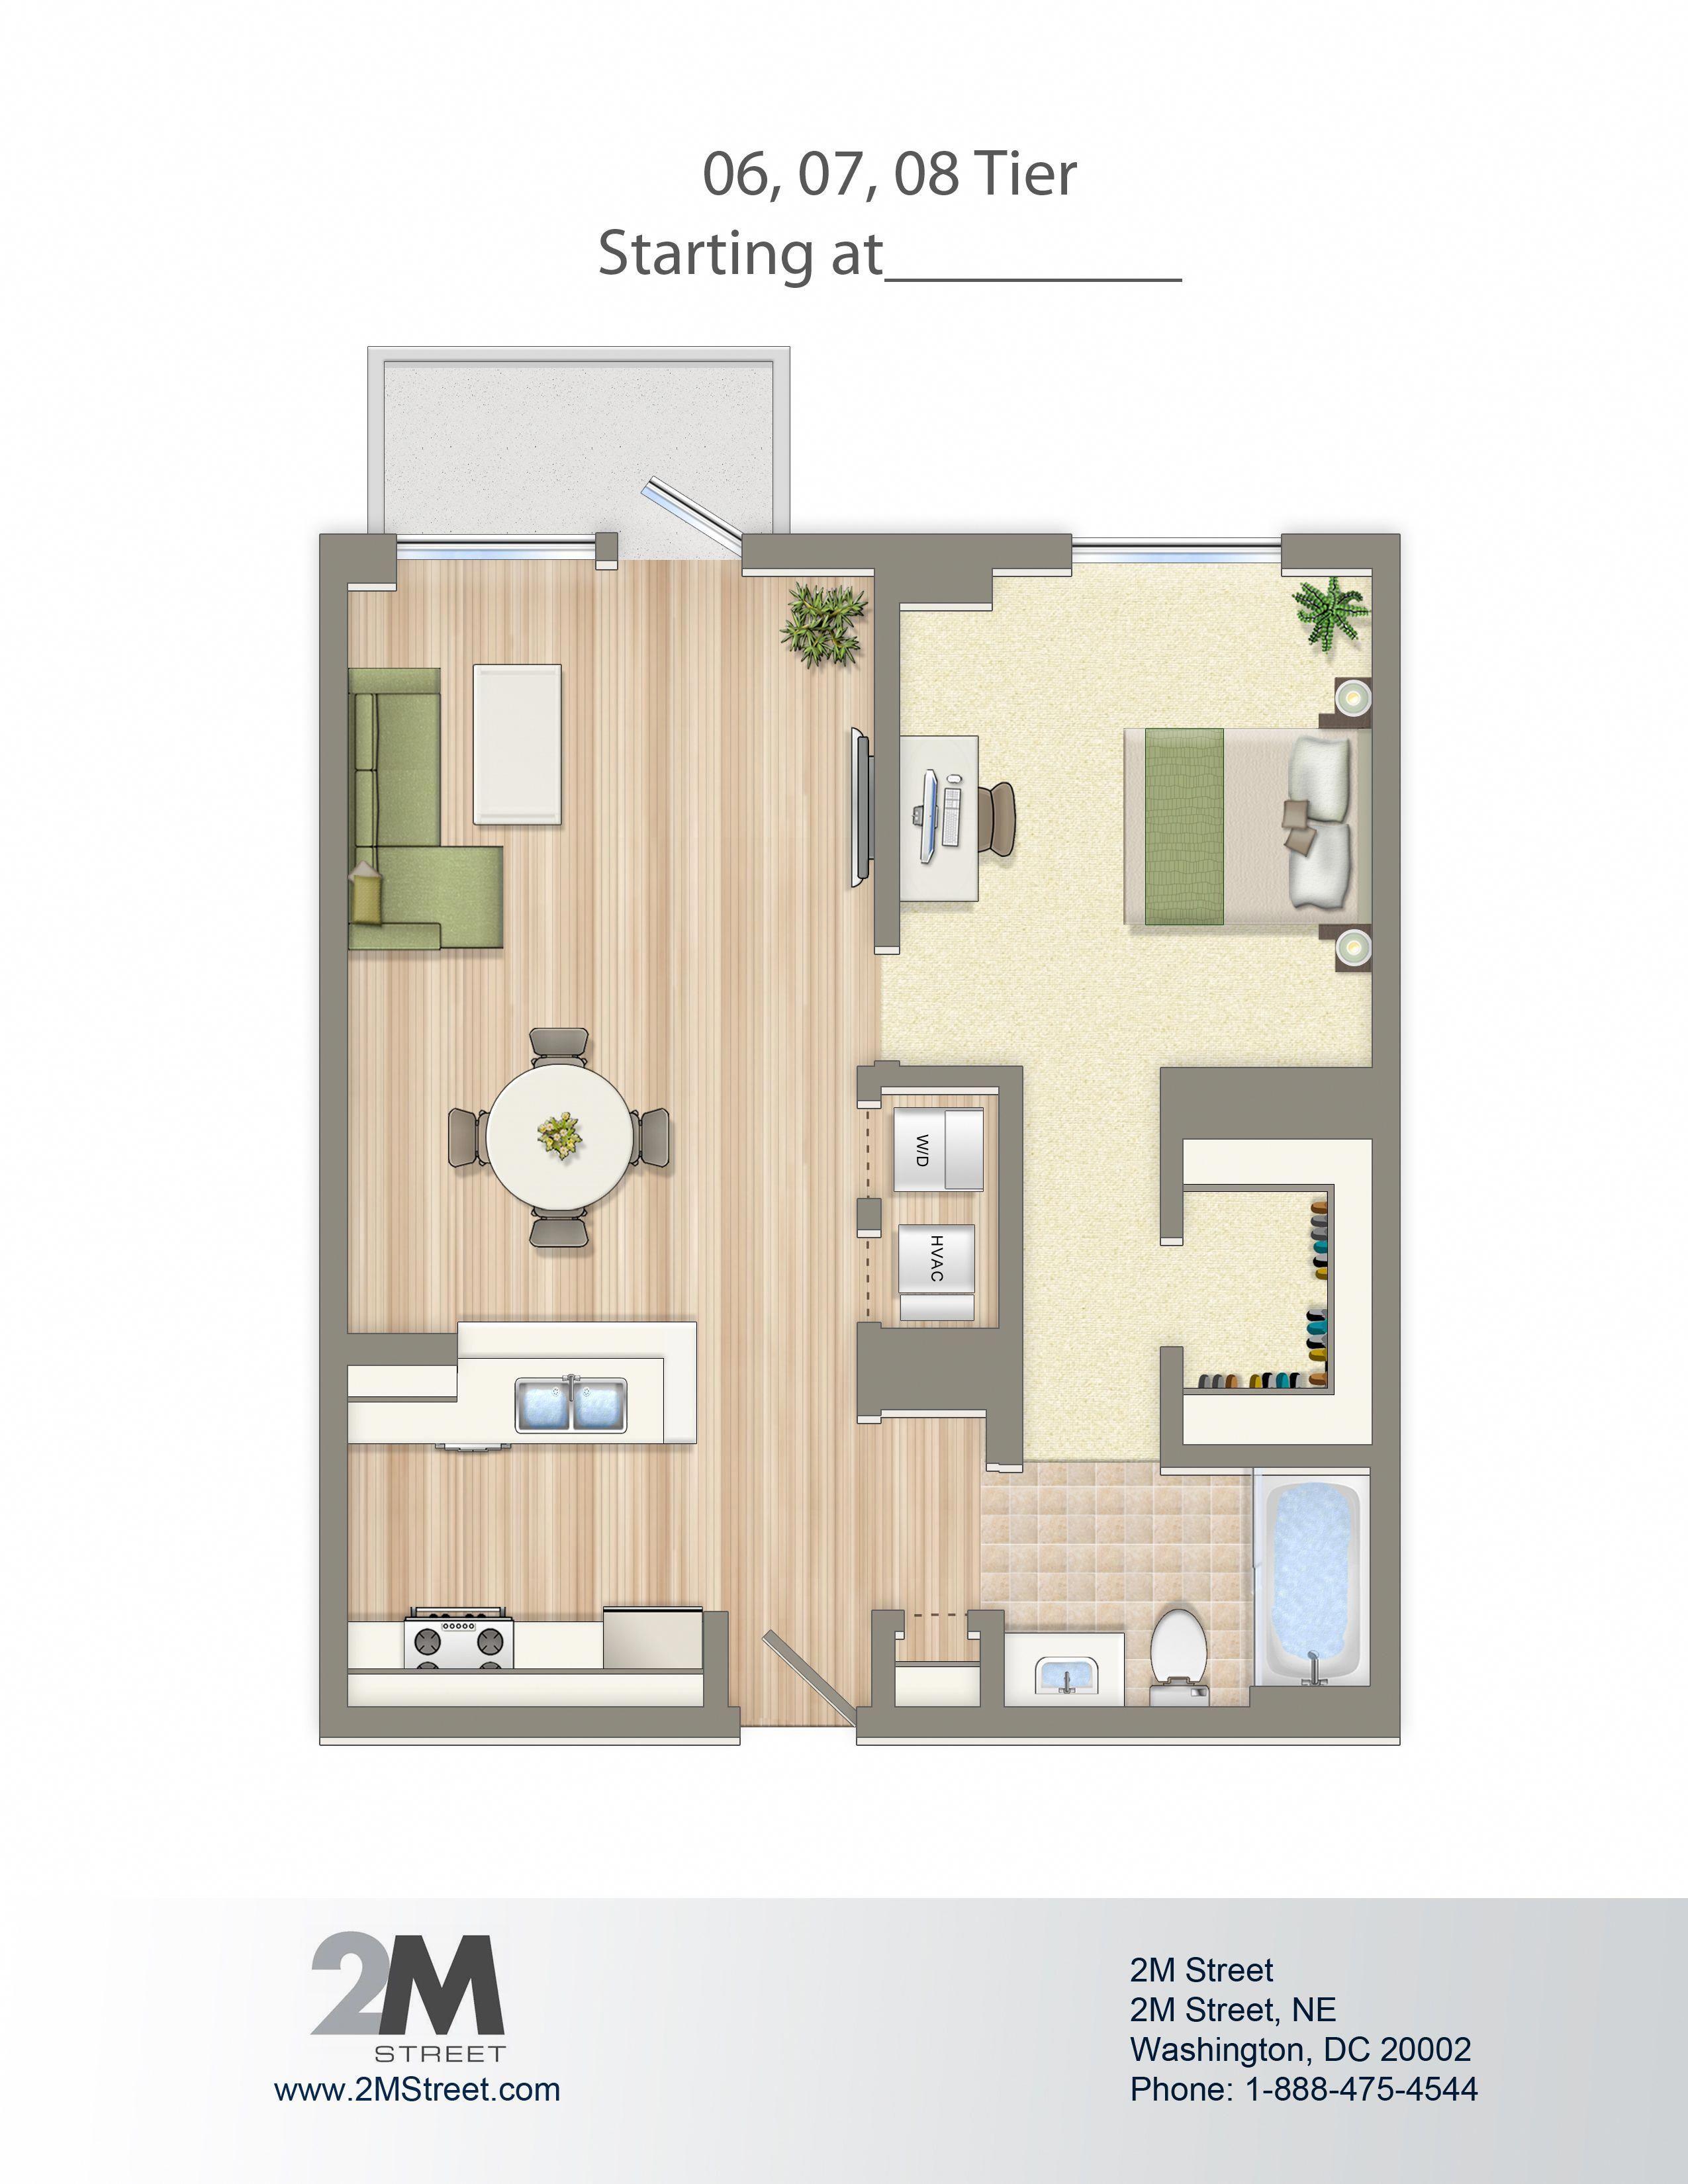 OneBedroom Floor Plan 2M Street in Northeast Washington